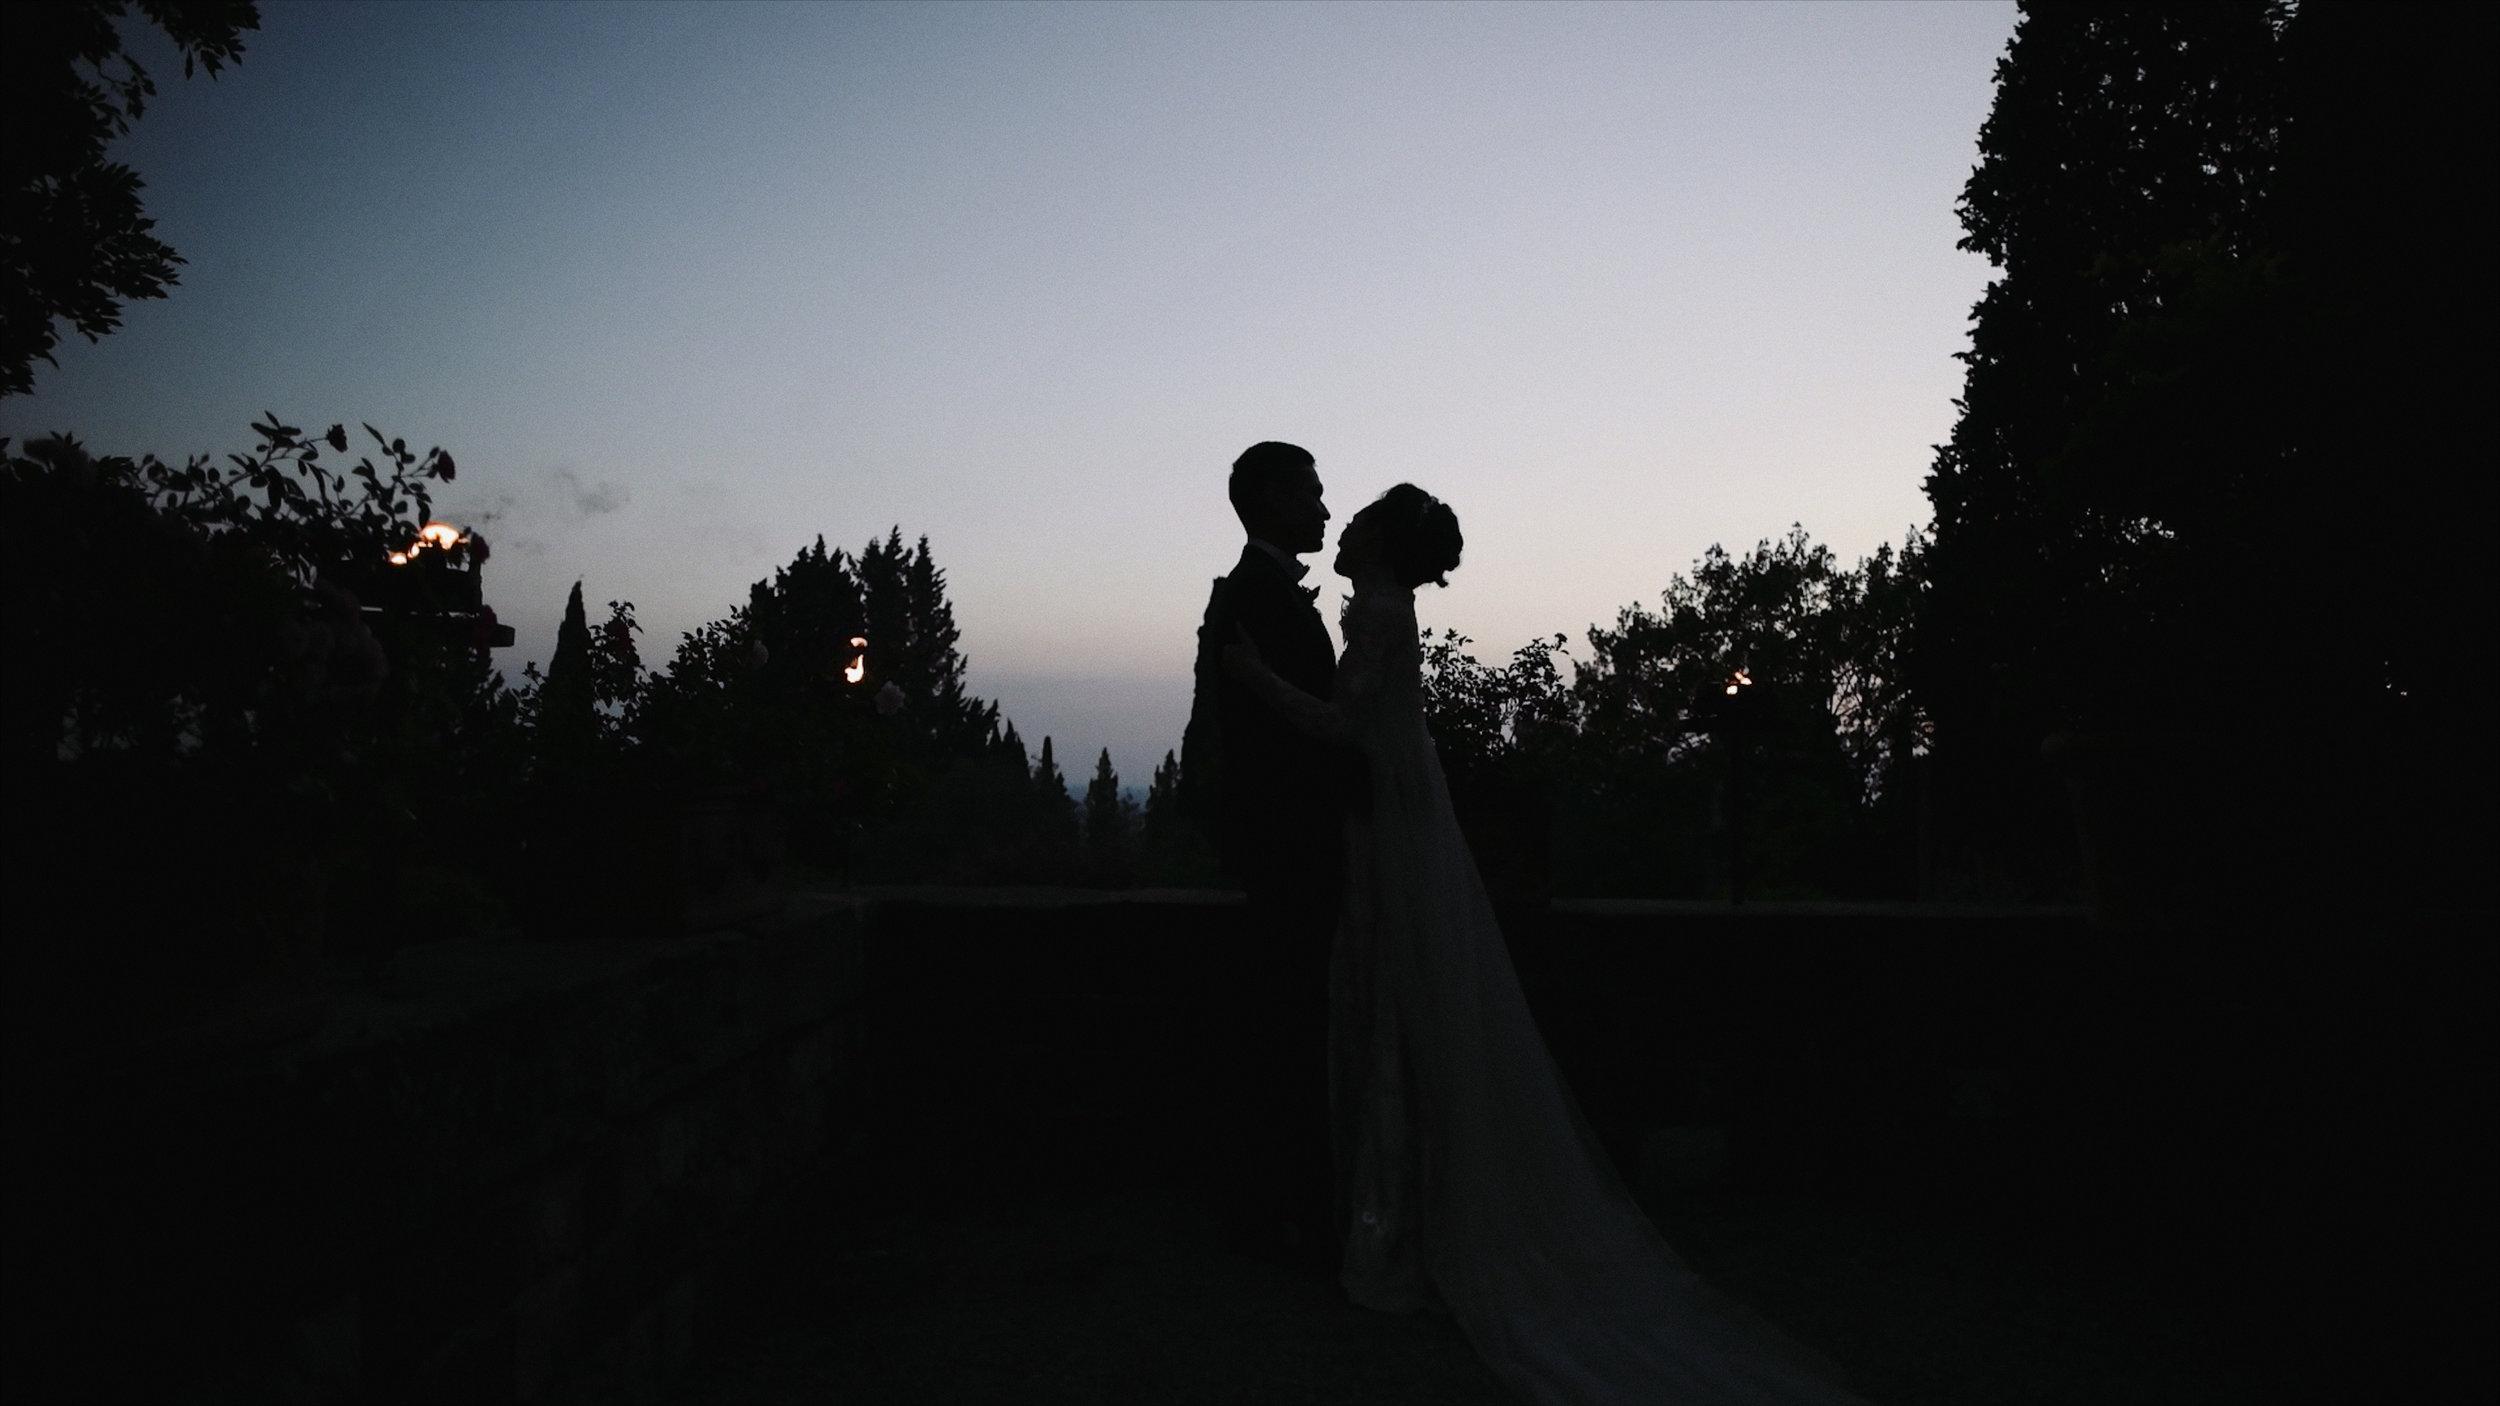 Highlight Film Stills.00_03_09_13.Still034.jpg